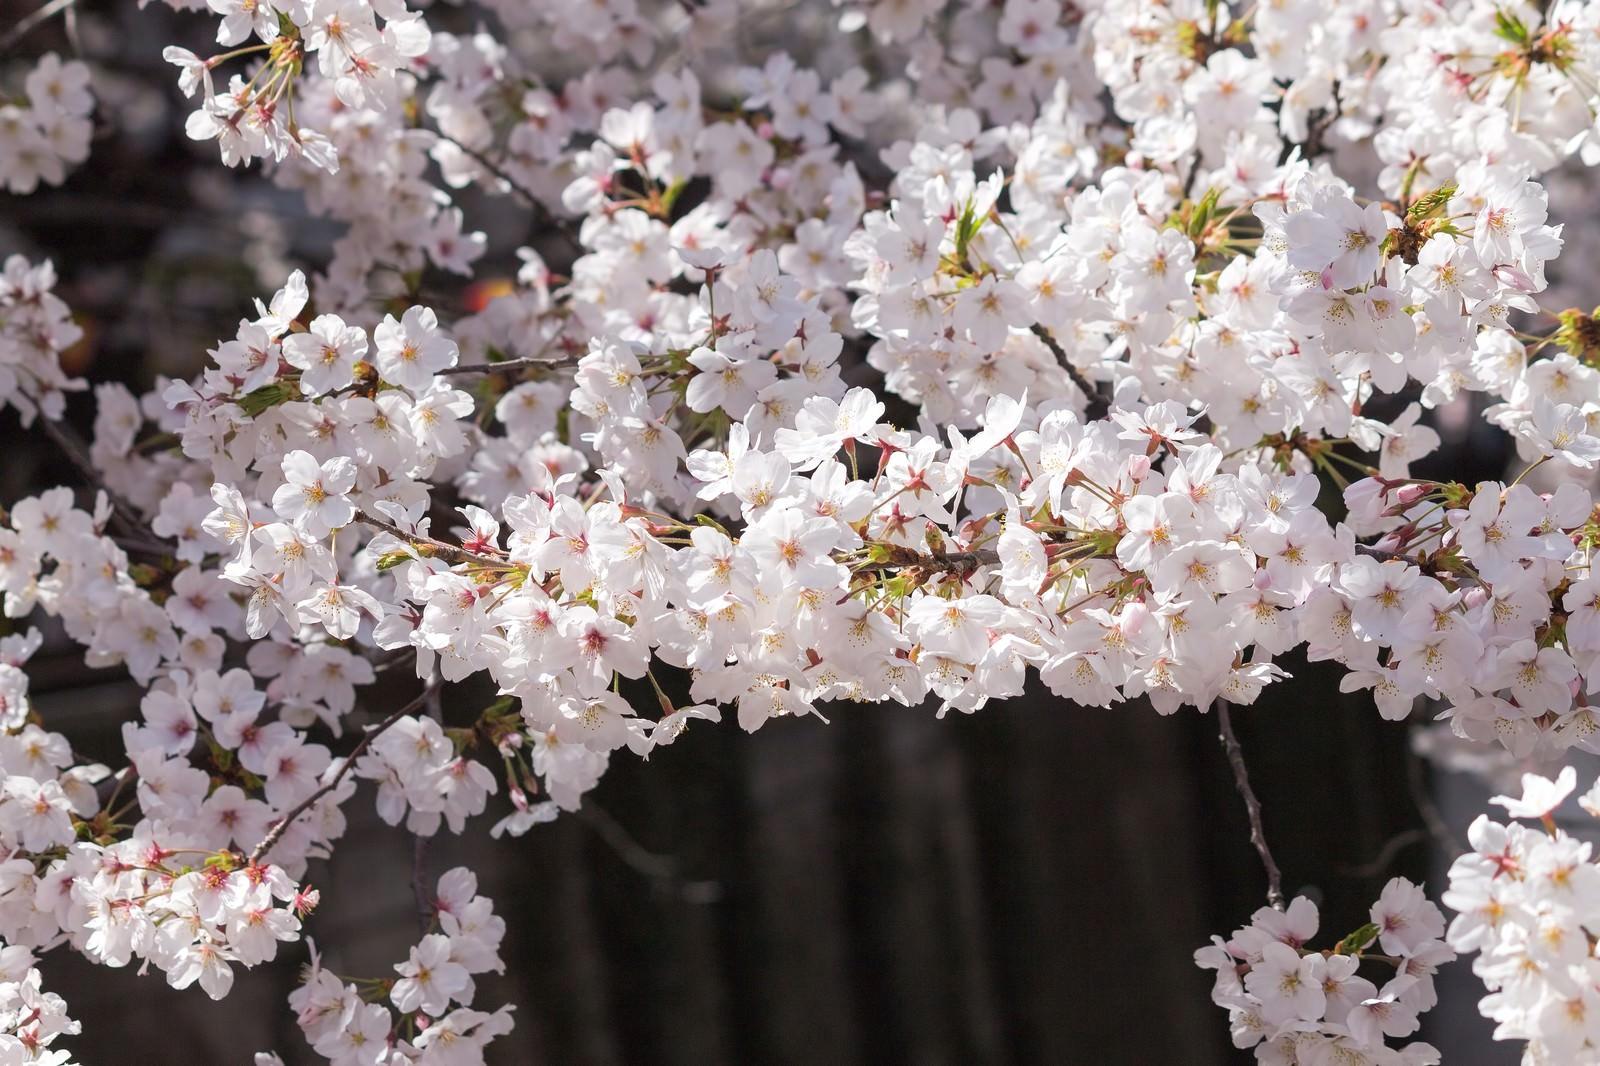 「河川の桜の木 | 写真の無料素材・フリー素材 - ぱくたそ」の写真